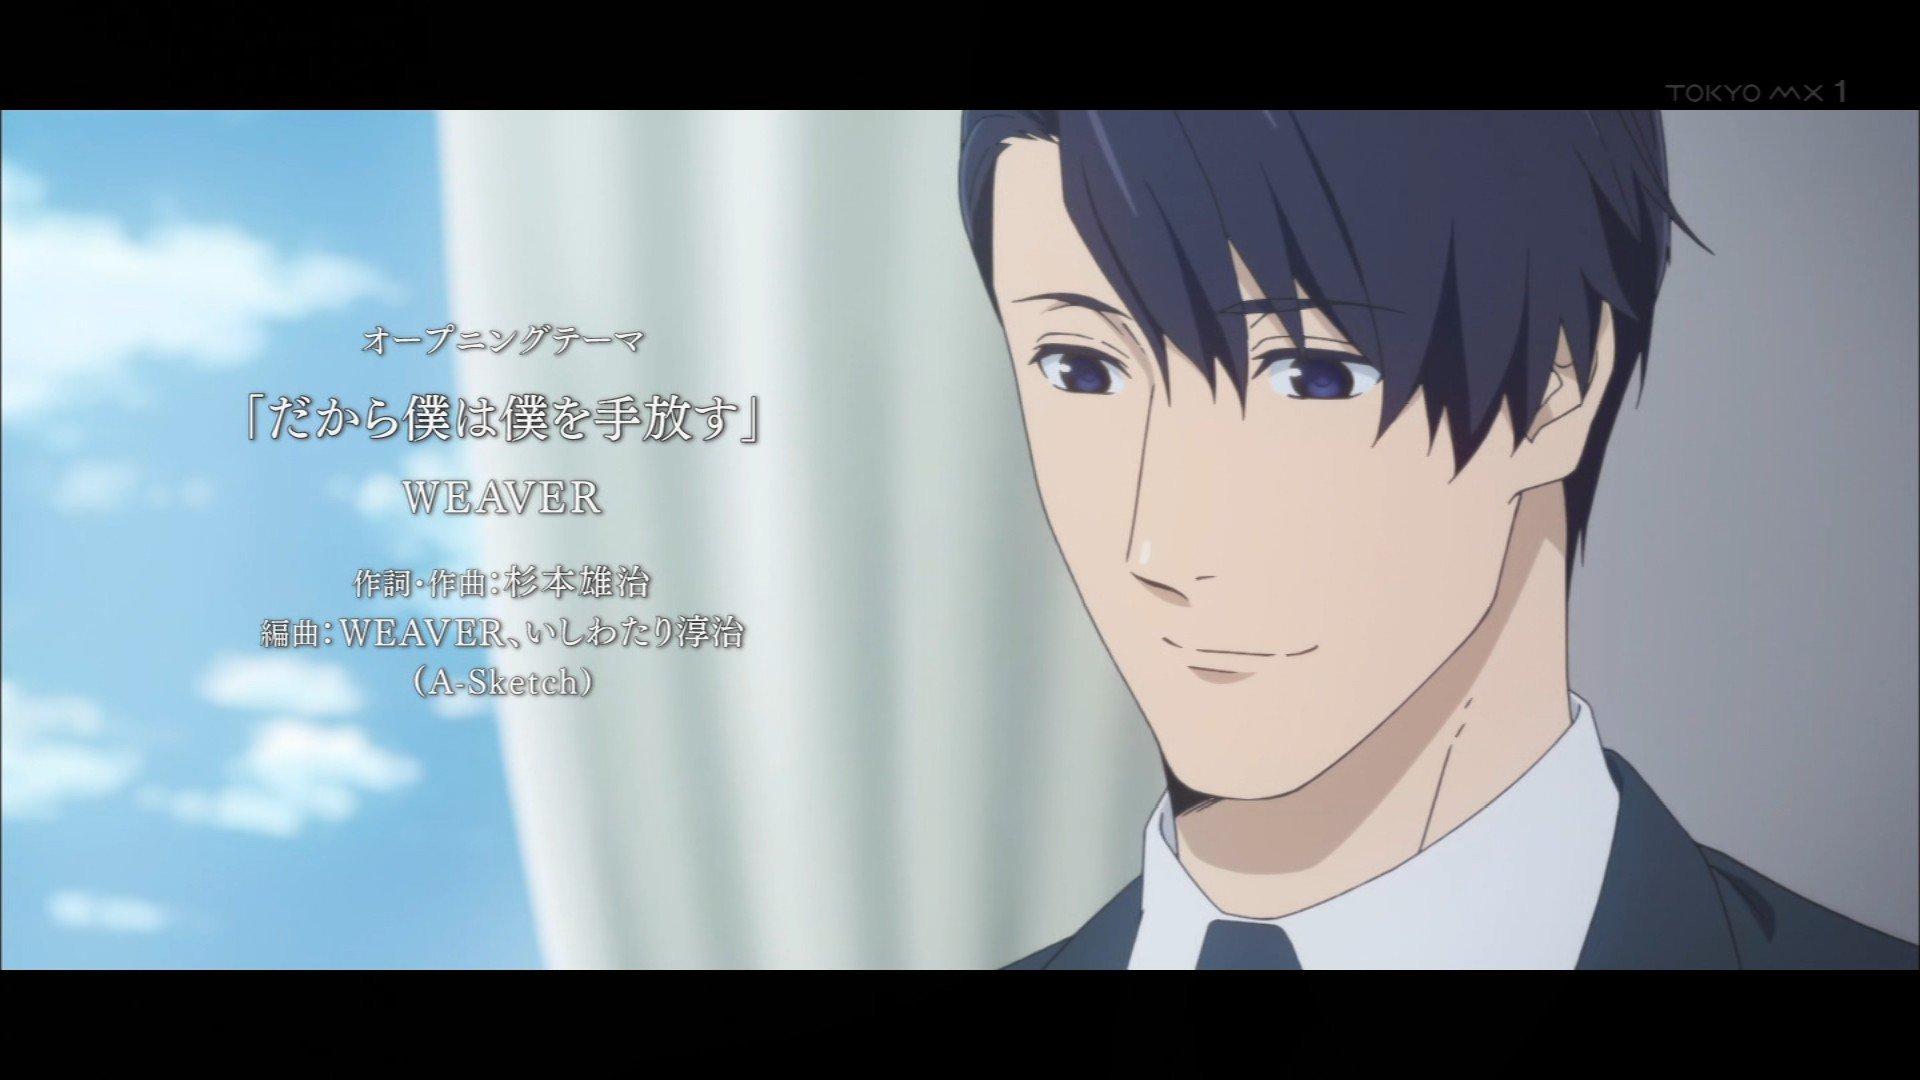 オープニングテーマ「だから僕は僕を手放す」 WEAVER #sagrada_anime #tokyomx https://t.co/gH2DedyVIP